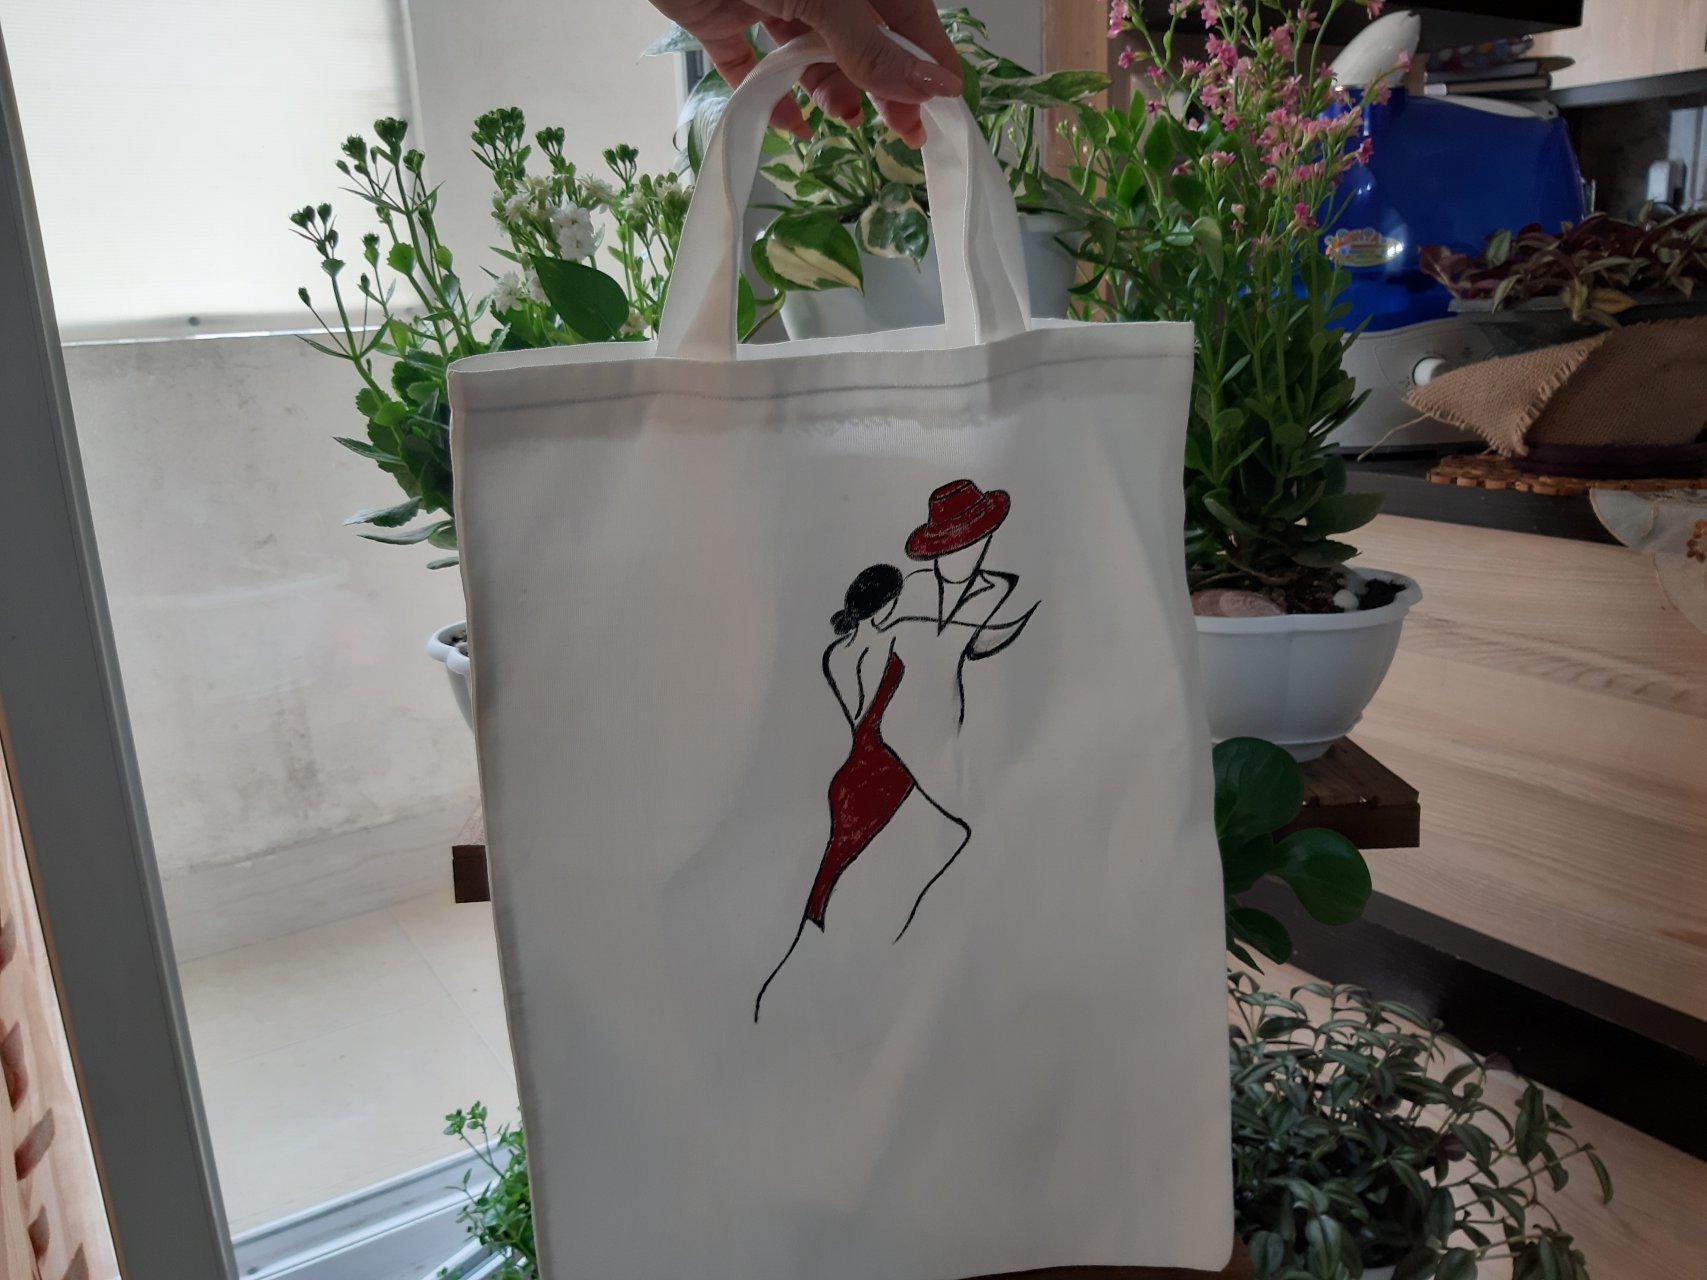 کیف پارچه ای نقاشی شده طرح رقص